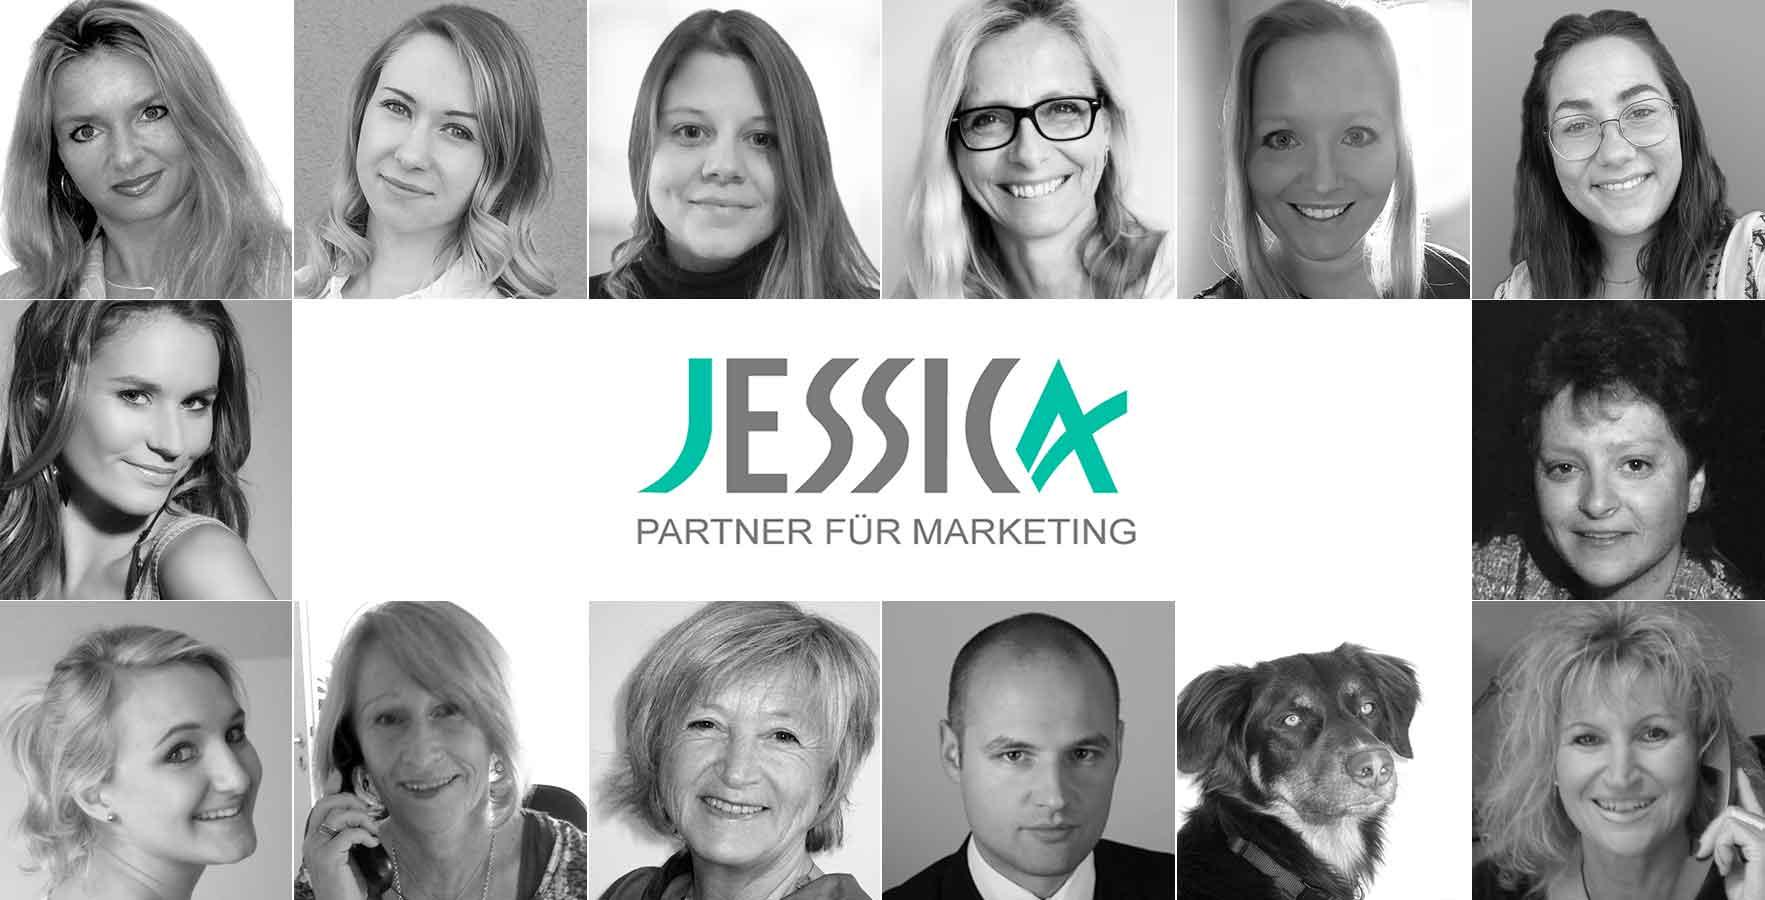 Ihr JESSICA Team für Telefonmarketing und CRM-Betreuung